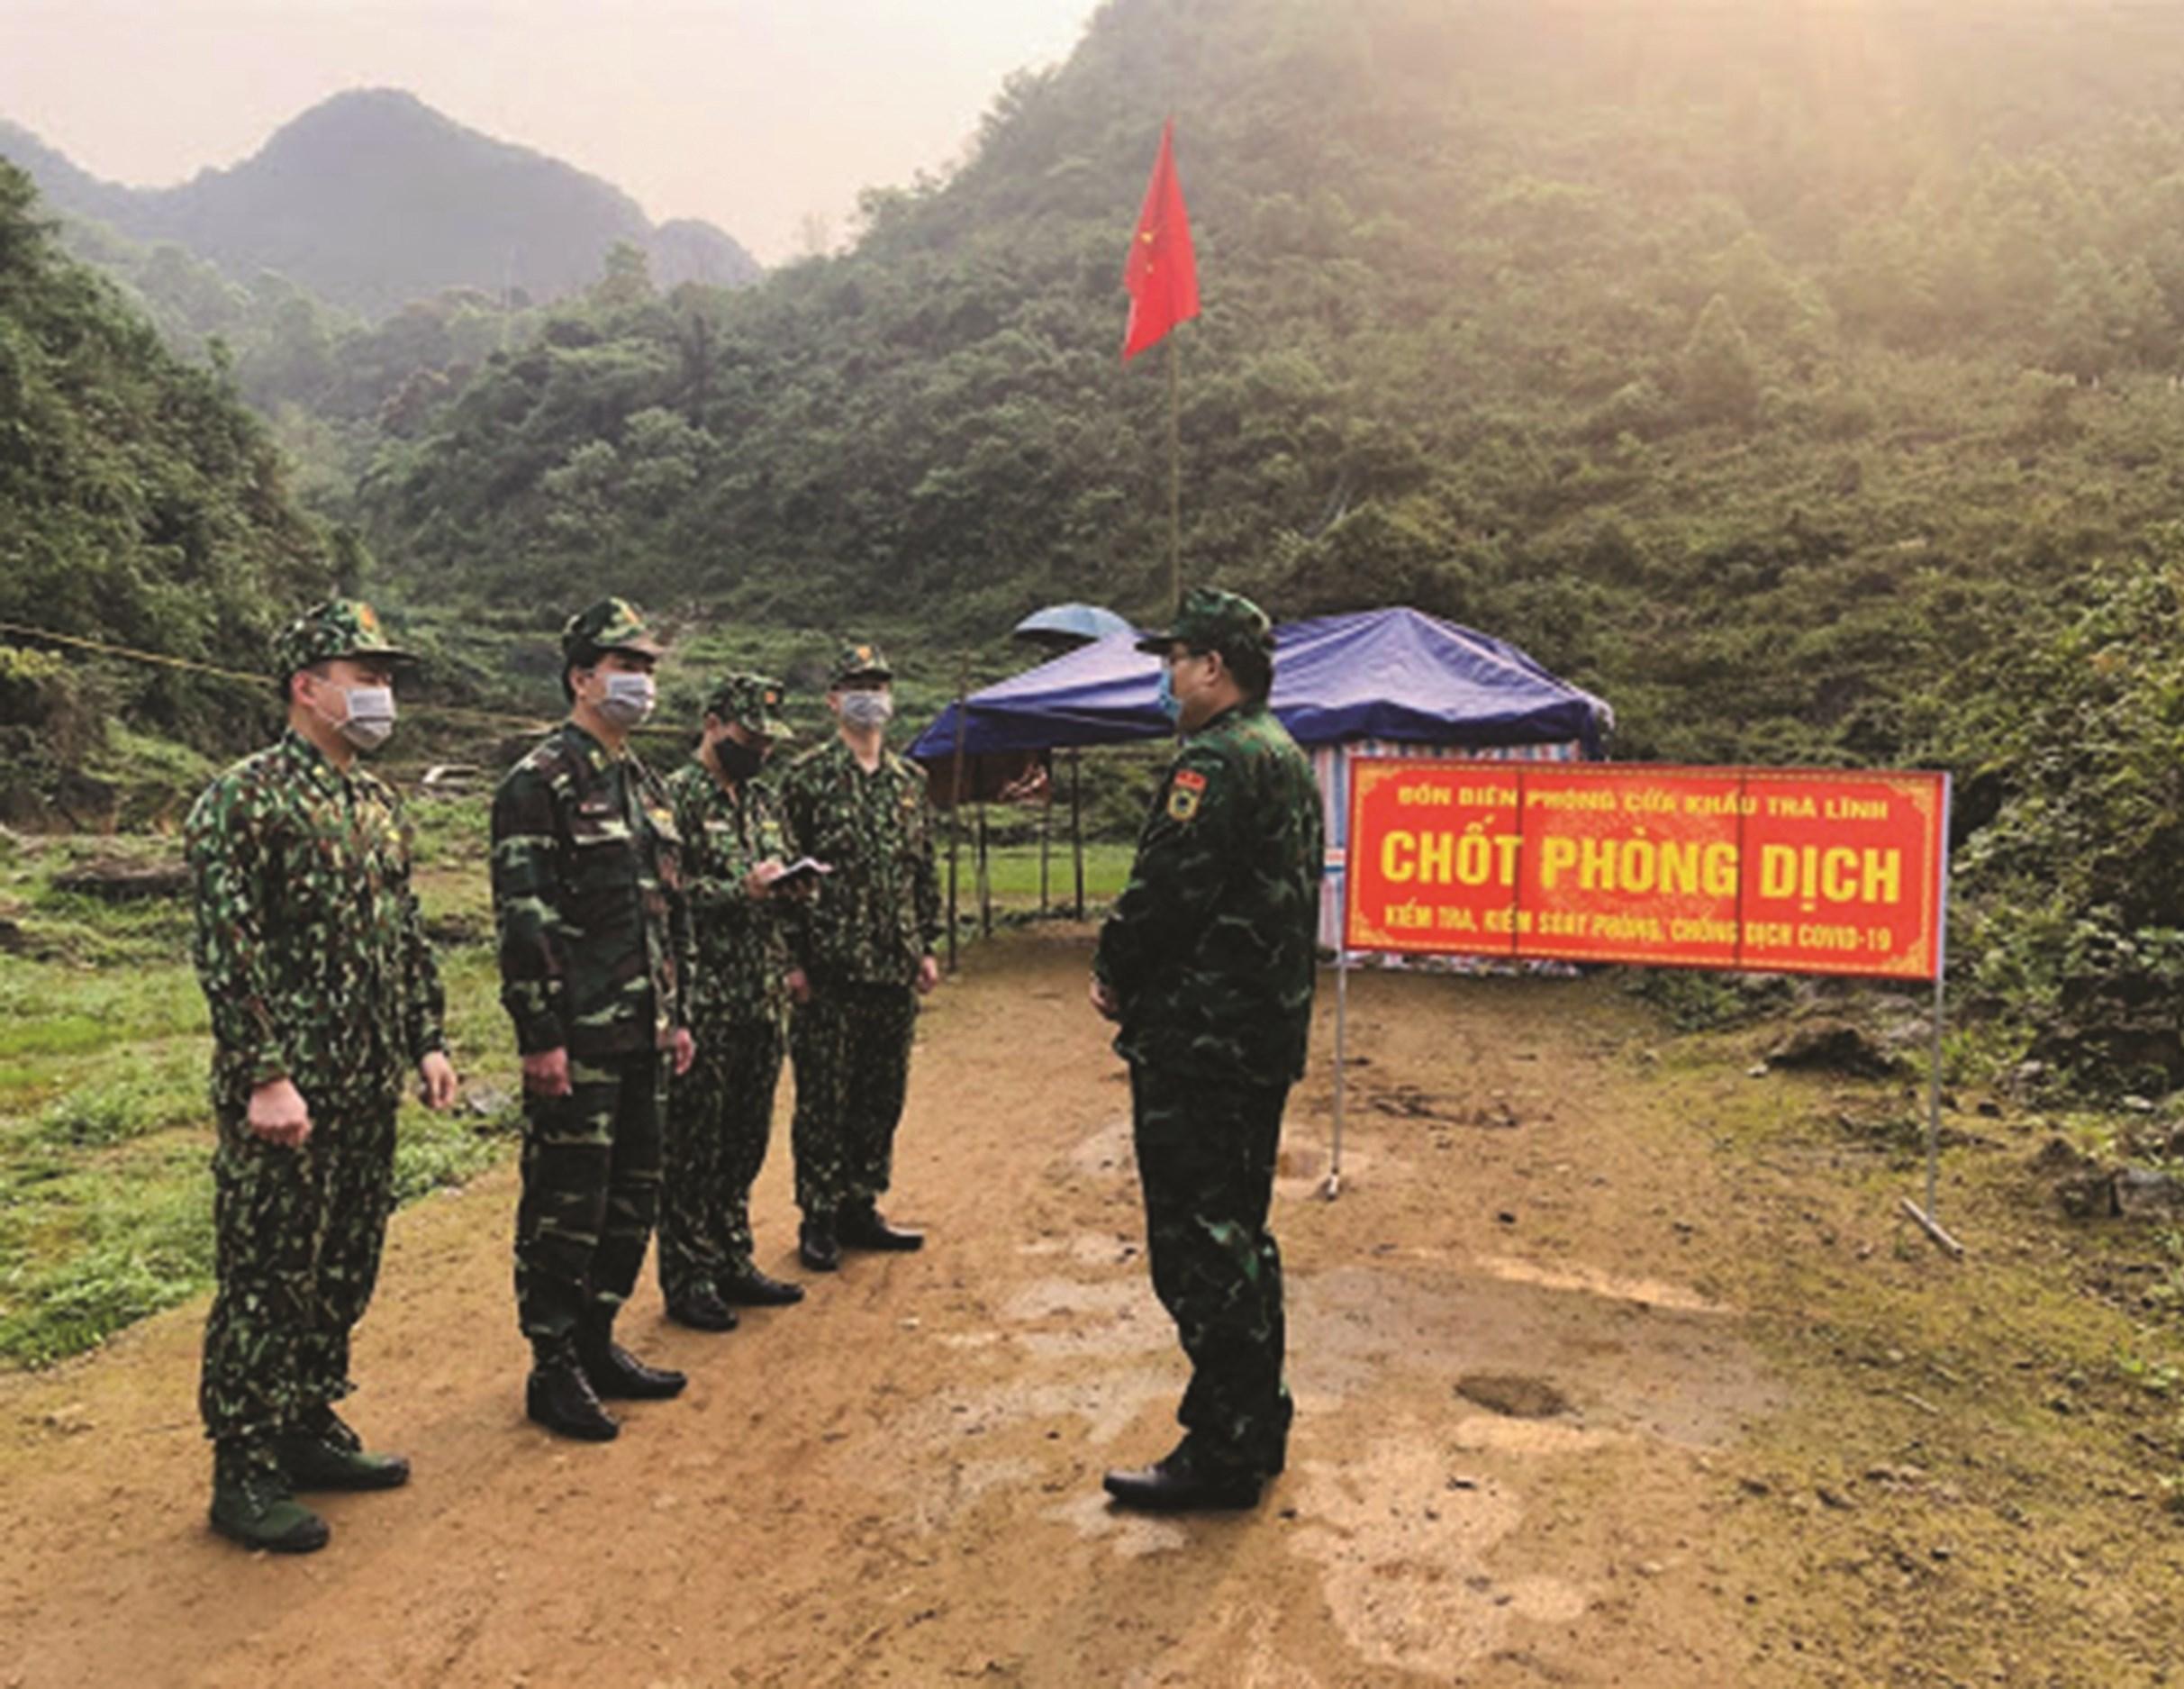 Với sự đồng lòng, đồng sức của các tầng lớp Nhân dân, lực lượng Biên phòng vững vàng nơi tuyến đầu chống dịch Covid-19.